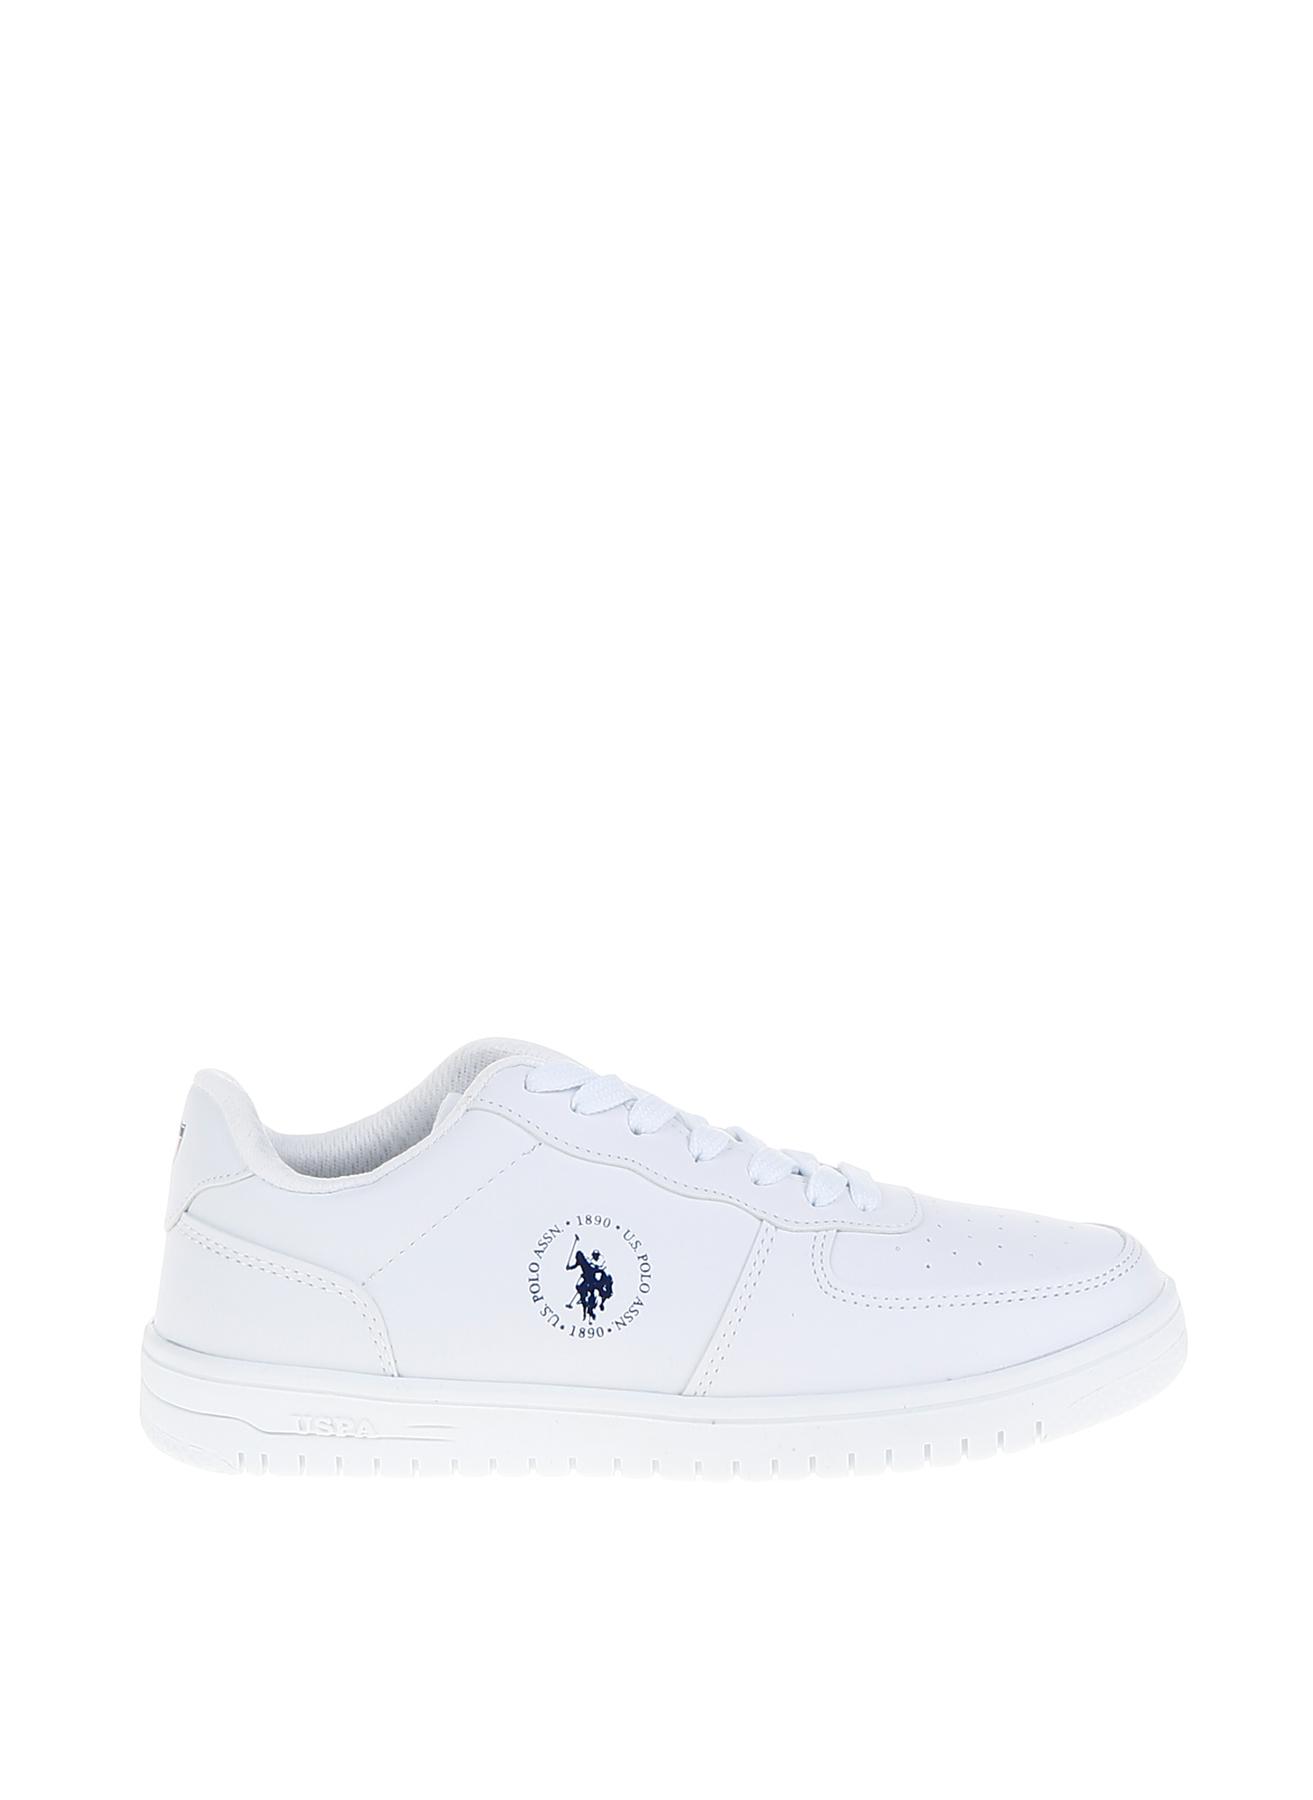 U.S. Polo Assn. Düz Ayakkabı 37 5001977216002 Ürün Resmi